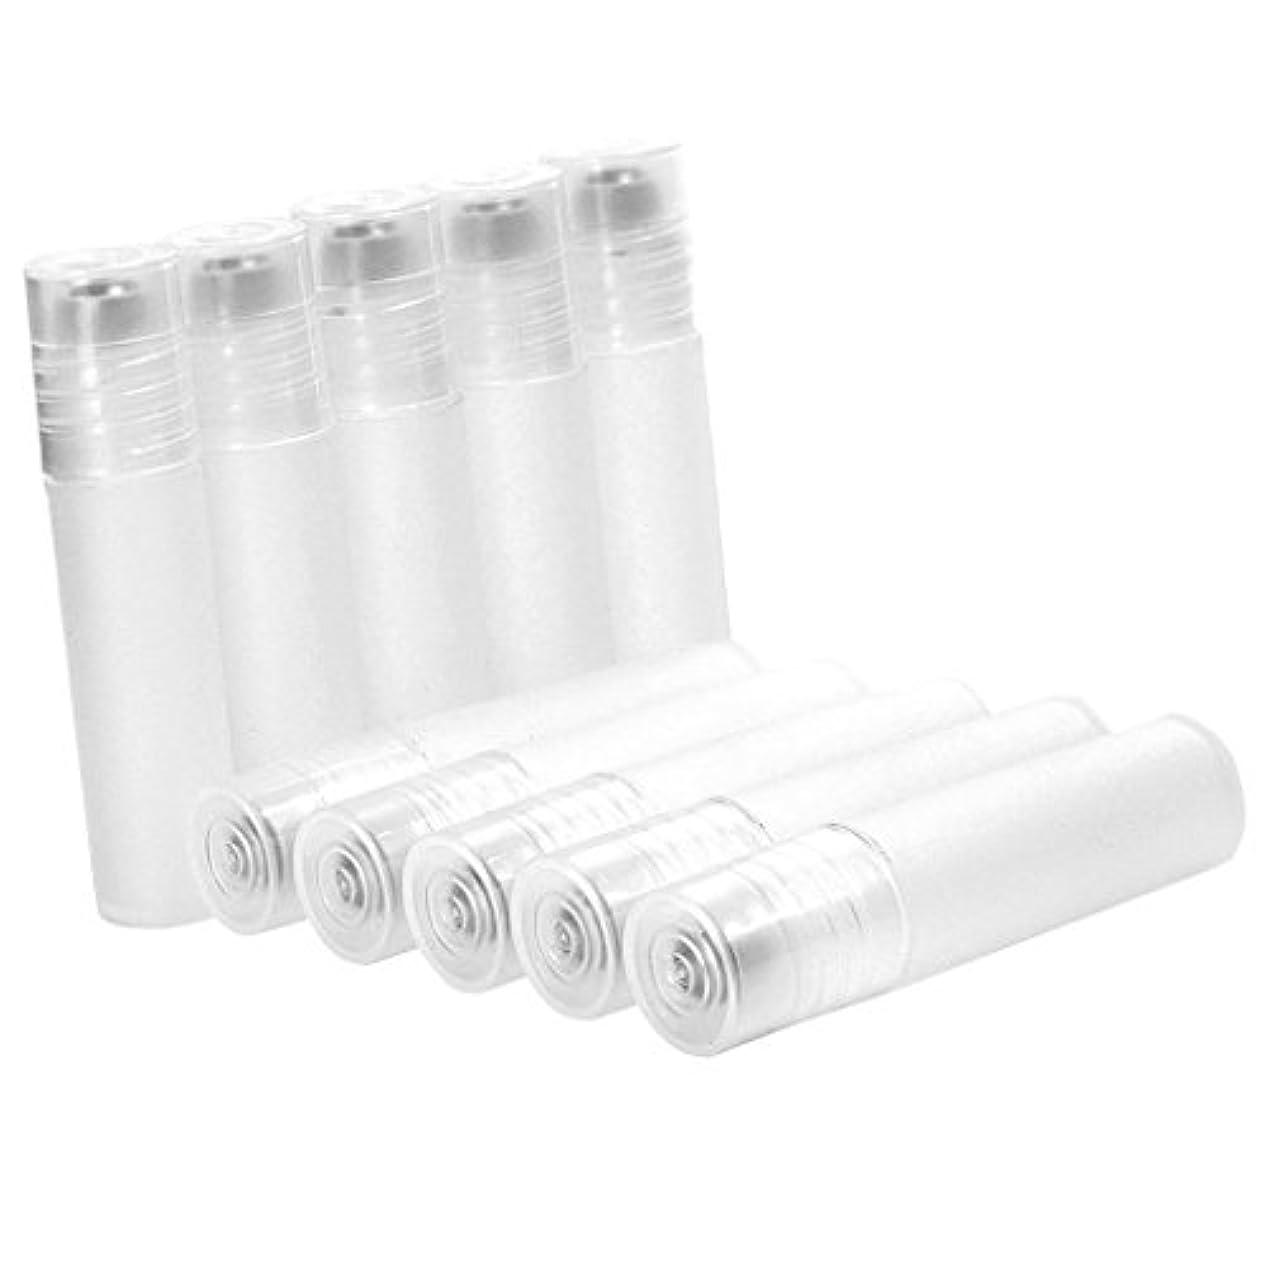 写真を描くから熟達したFenteer 10本セット 空ボトル 香水 クリーム 液体 リフィルボトル 詰め替え 5ml ミニサイズ